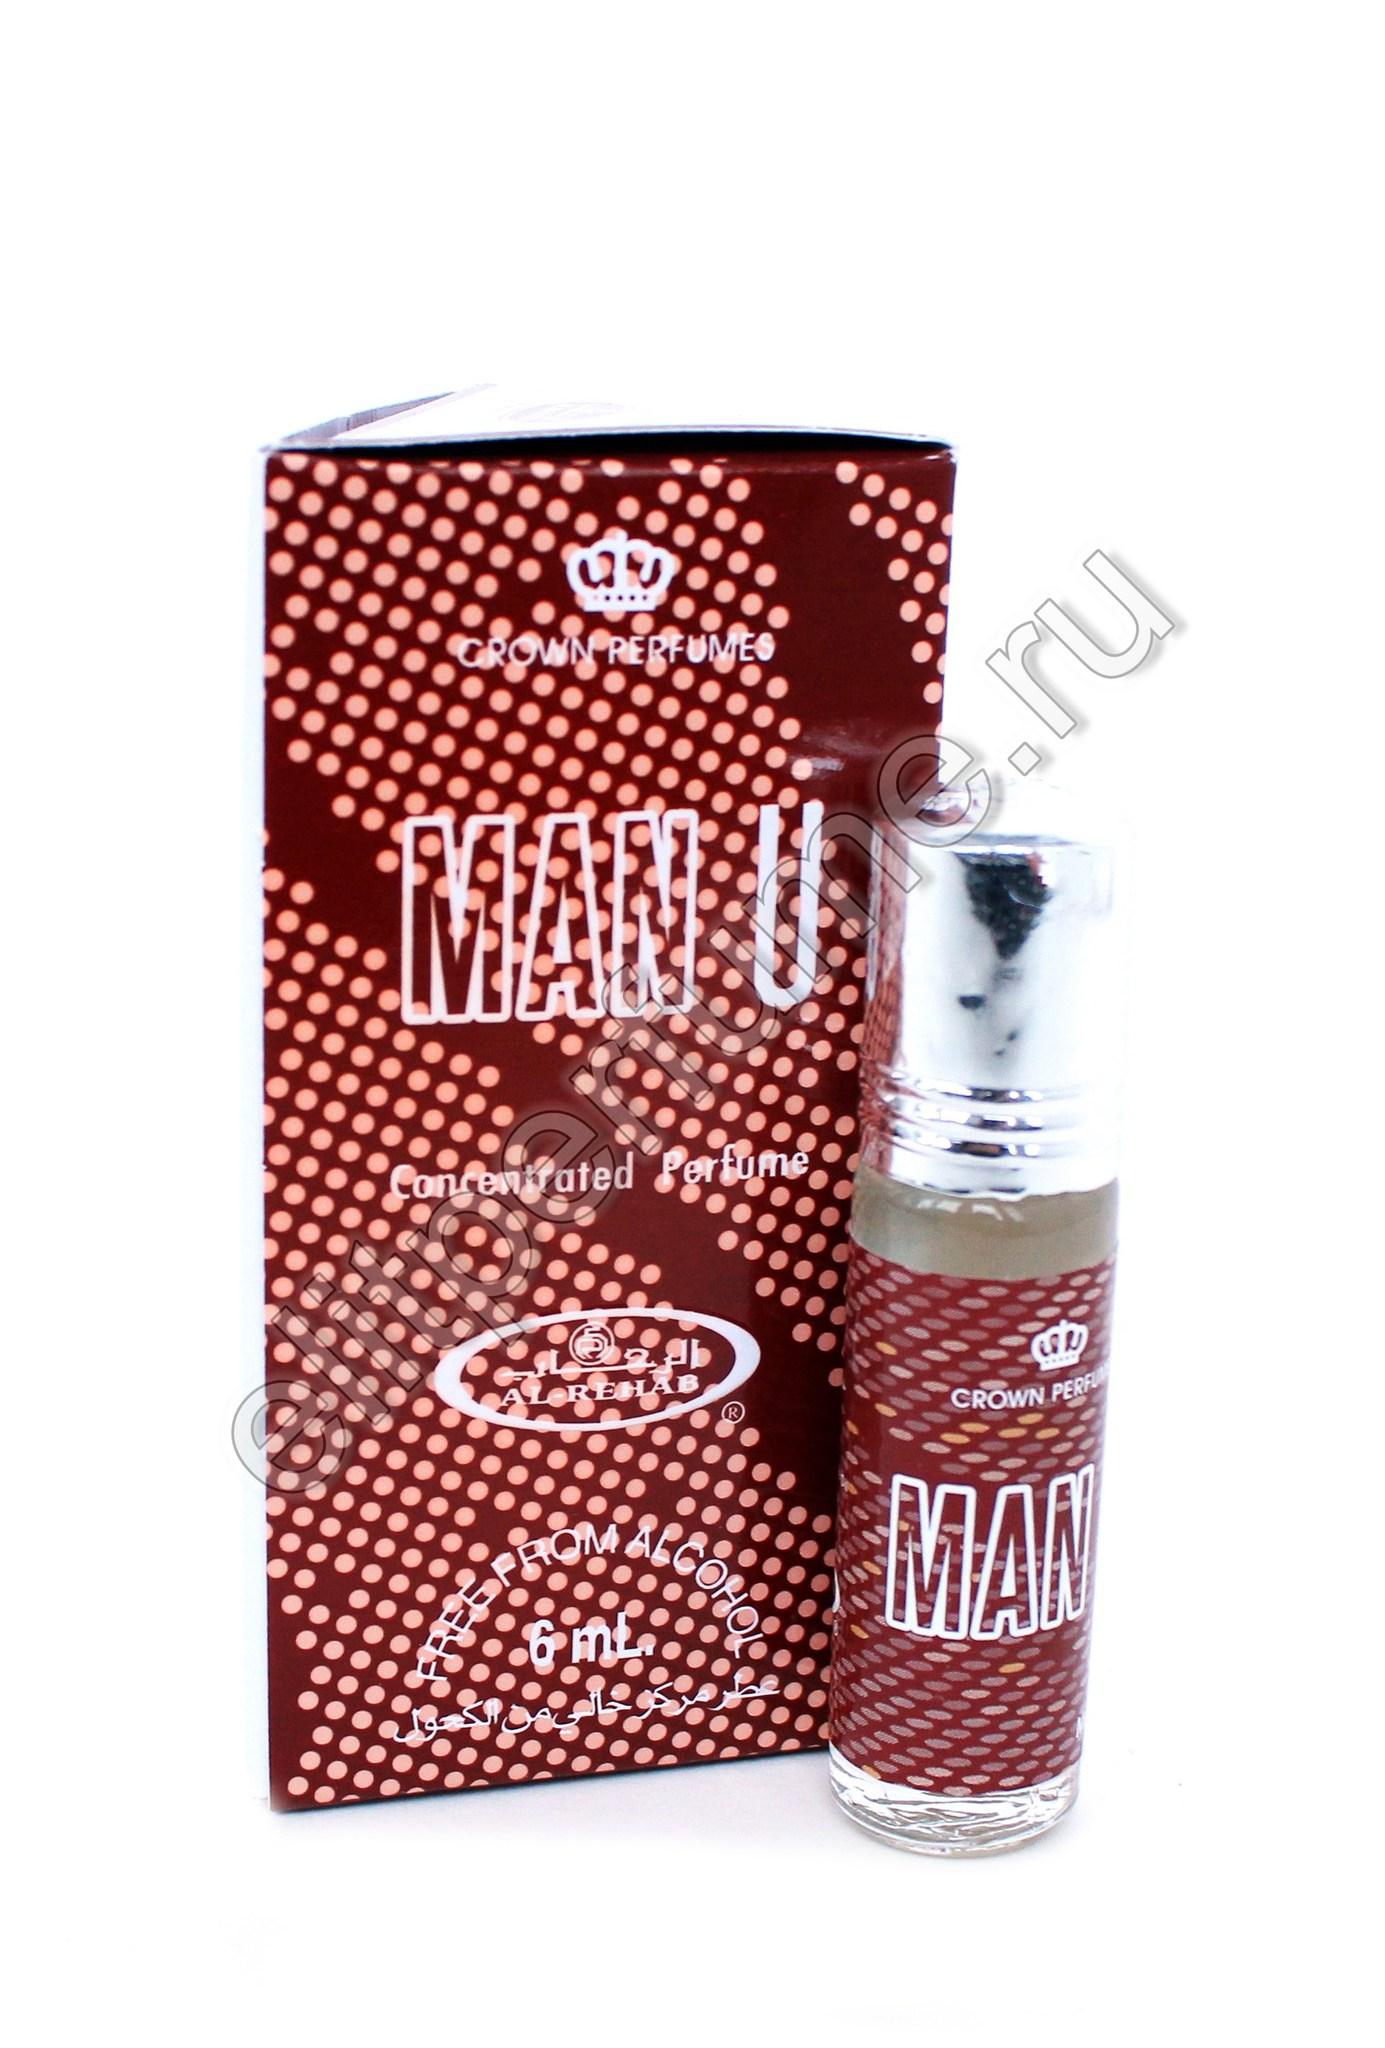 Man U Ман Ю 6 мл арабские масляные духи от Аль Рехаб Al Rehab